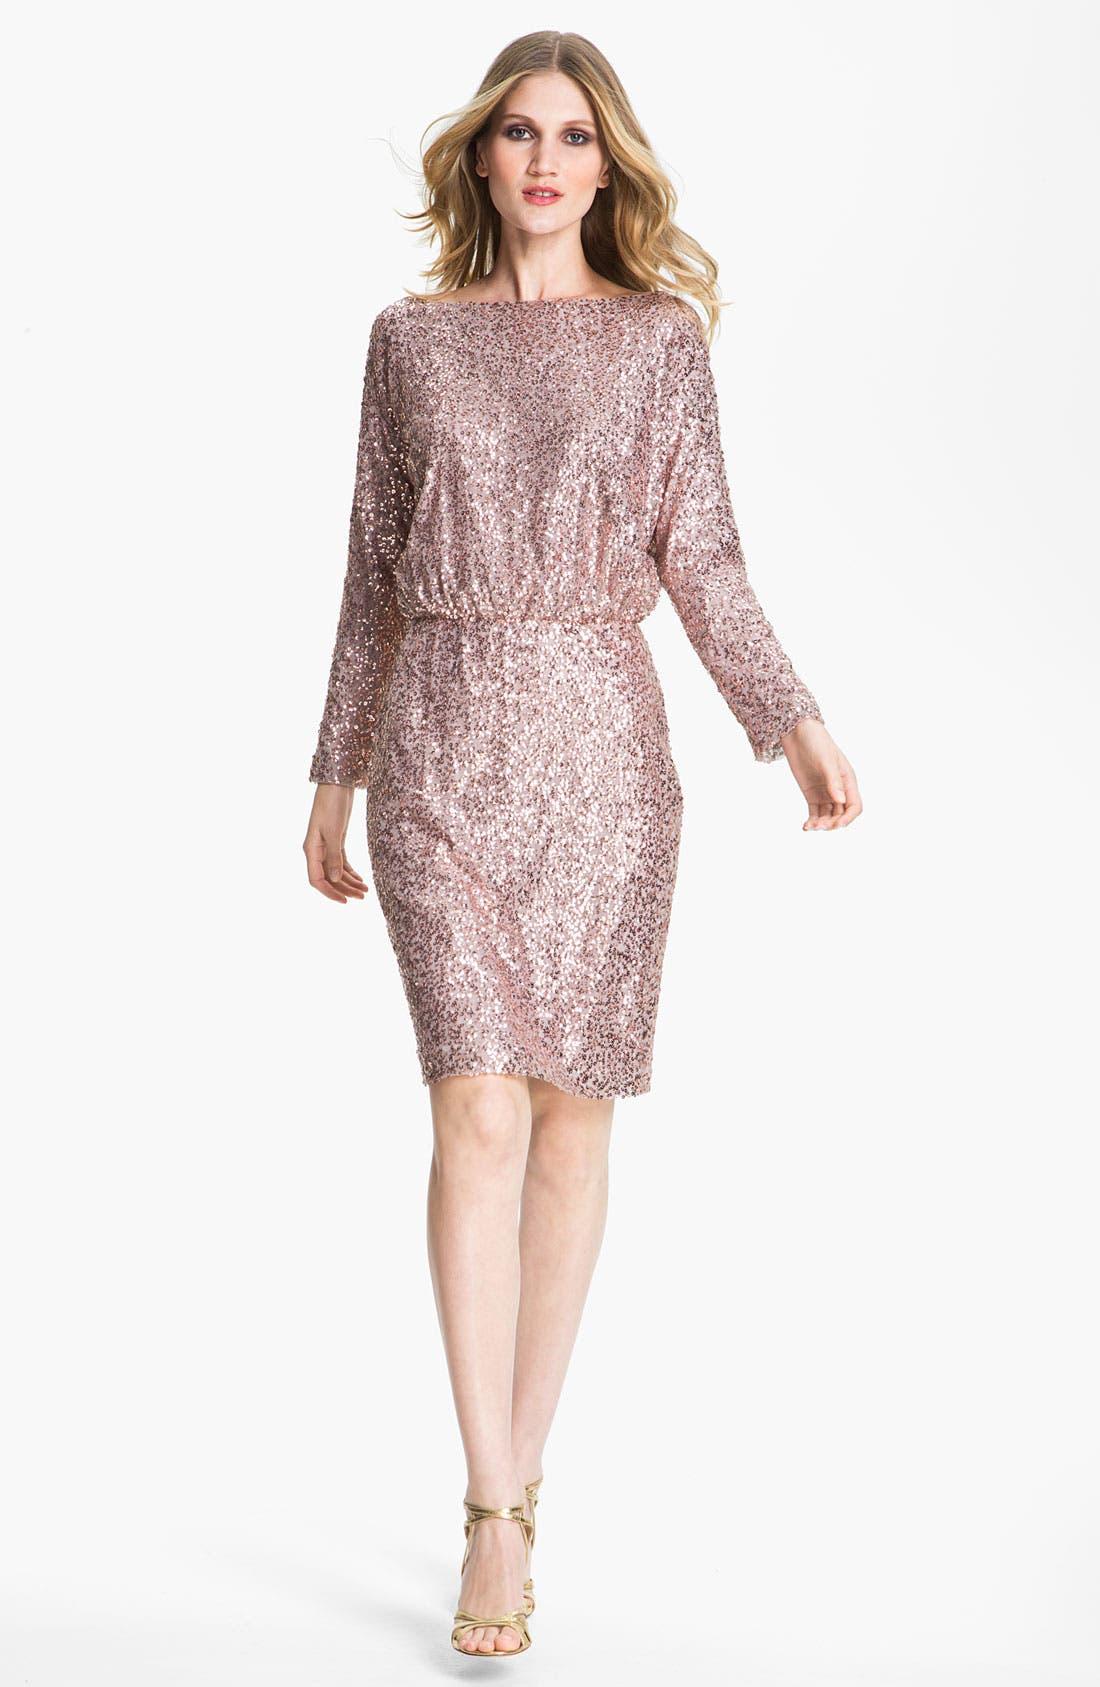 Main Image - St. John Collection Bateau Neck Sequin Dress